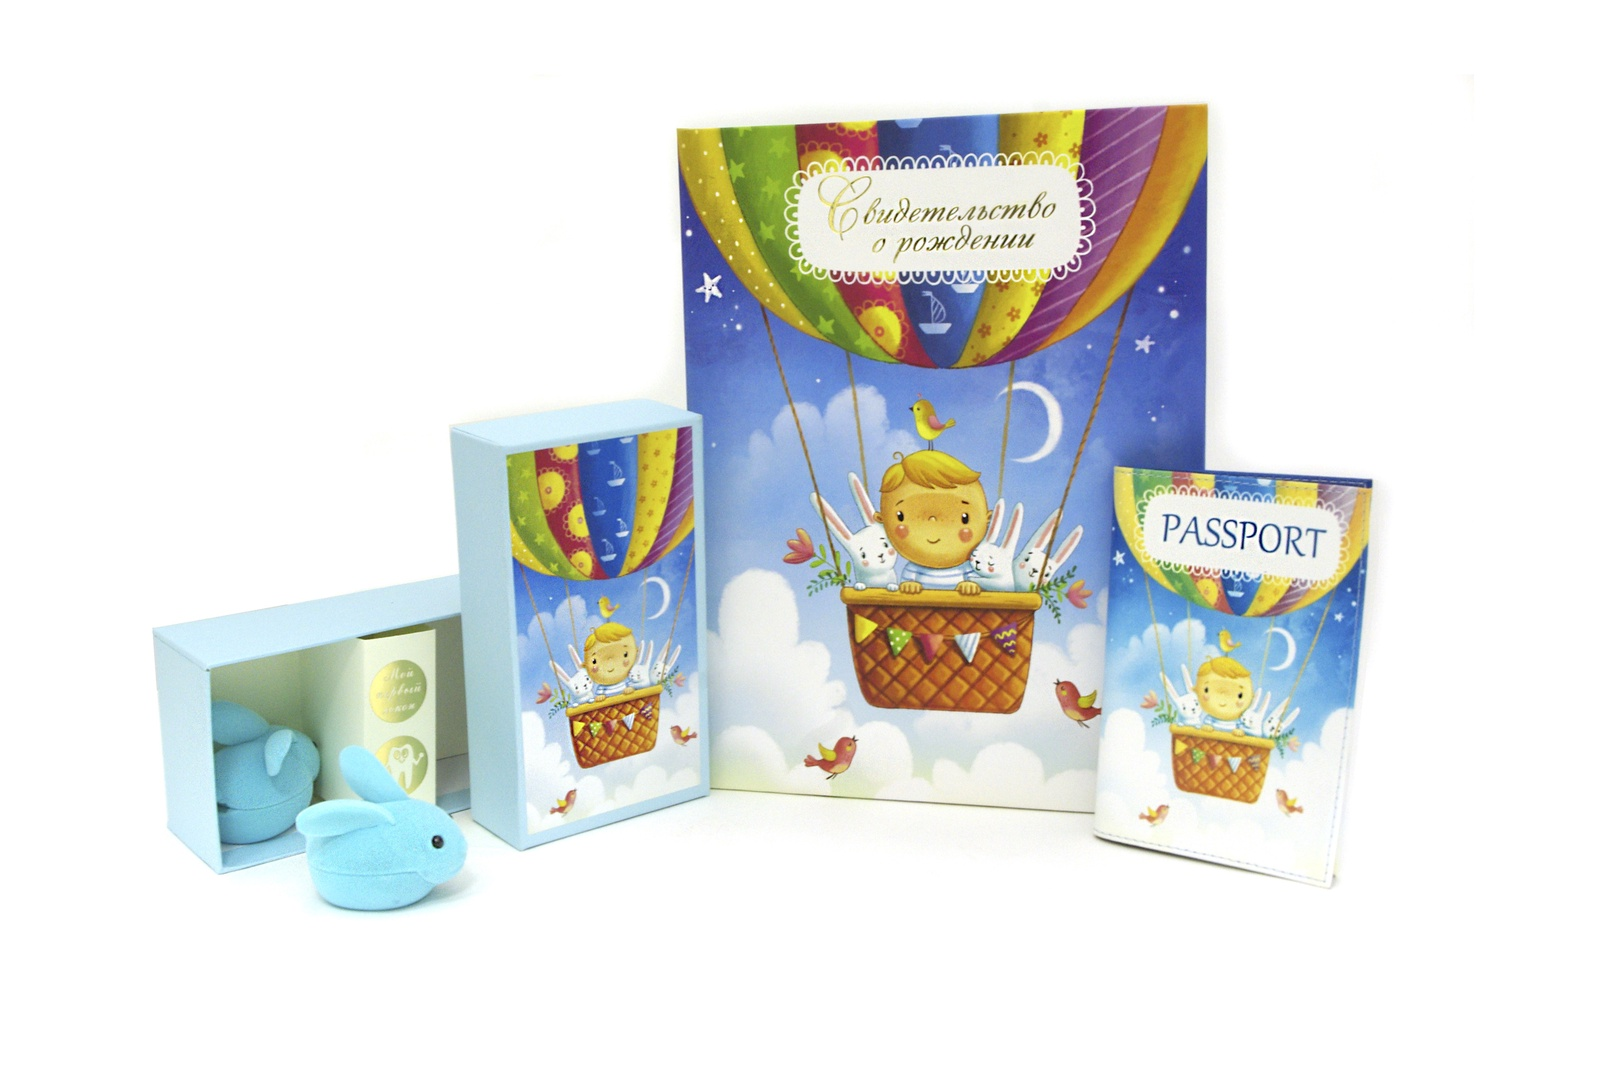 """Подарочный набор детский Dream Service GS-3p, 1595 синий, белый, голубой1595Подарочный комплект для молодых Мам и Пап.В комплект входит: обложка для бережного хранения свидетельства о рождении, обложка для бережного хранения будущего паспорта или загран паспорта малыша и красивая коробочка """"Мамины сокровища"""".""""Мамины сокровища"""" - коробочка с вложенными шкатулками для бережного хранения: первого зубика и первого локона Вашего любимого малыша. Коробочка из плотного картона обтянутого цветной бумагой. Бархатные шкатулки оригинальной формы выполнены из пластика, покрытого мягким флоком.Обложка будет не только радовать глаза яркой и красивой иллюстрацией, но сохранит свидетельство о рождении в целости и украсит Ваш домашний интерьер."""